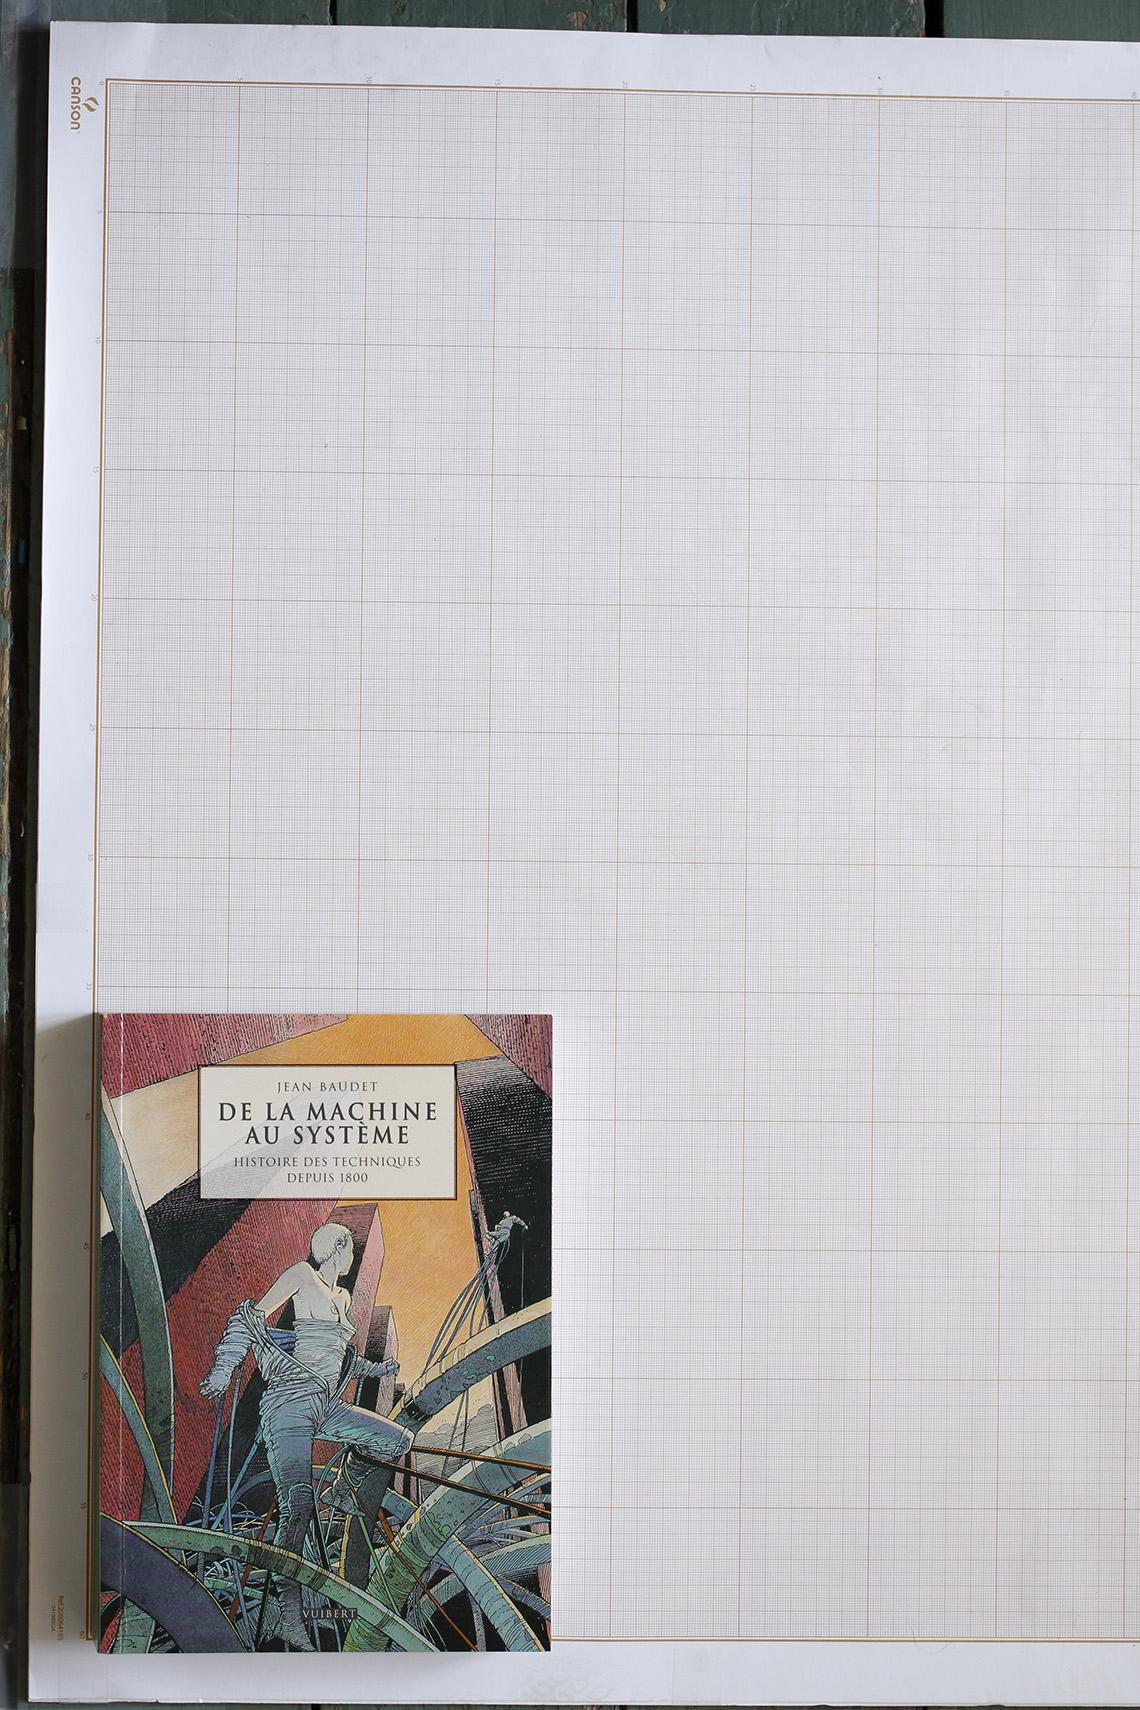 De la machine au système. Histoire des techniques depuis 1800, J. Baudet - Vuibert© Maison Autrique, 2004